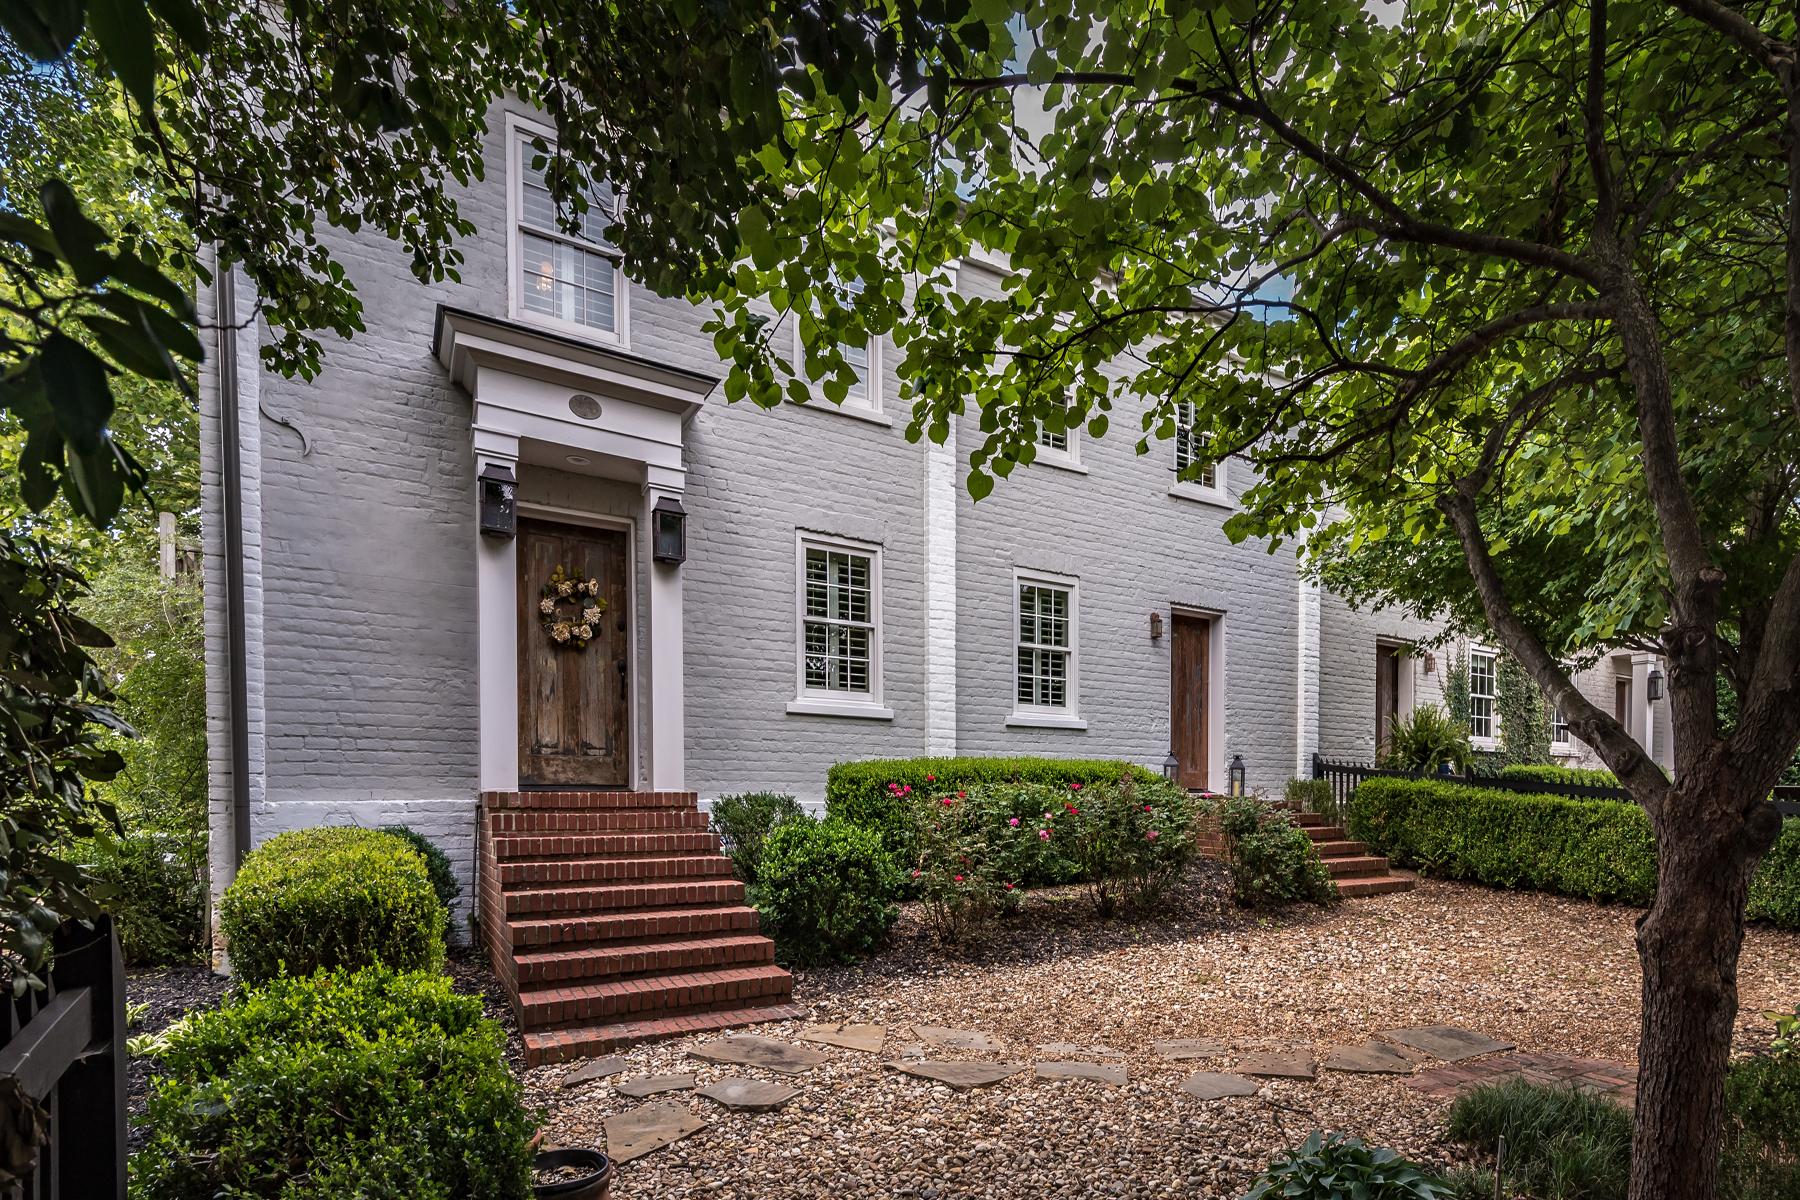 Stadthaus für Verkauf beim Amazing Modern Historical Home 43 Sloan Street Roswell, Georgia, 30075 Vereinigte Staaten